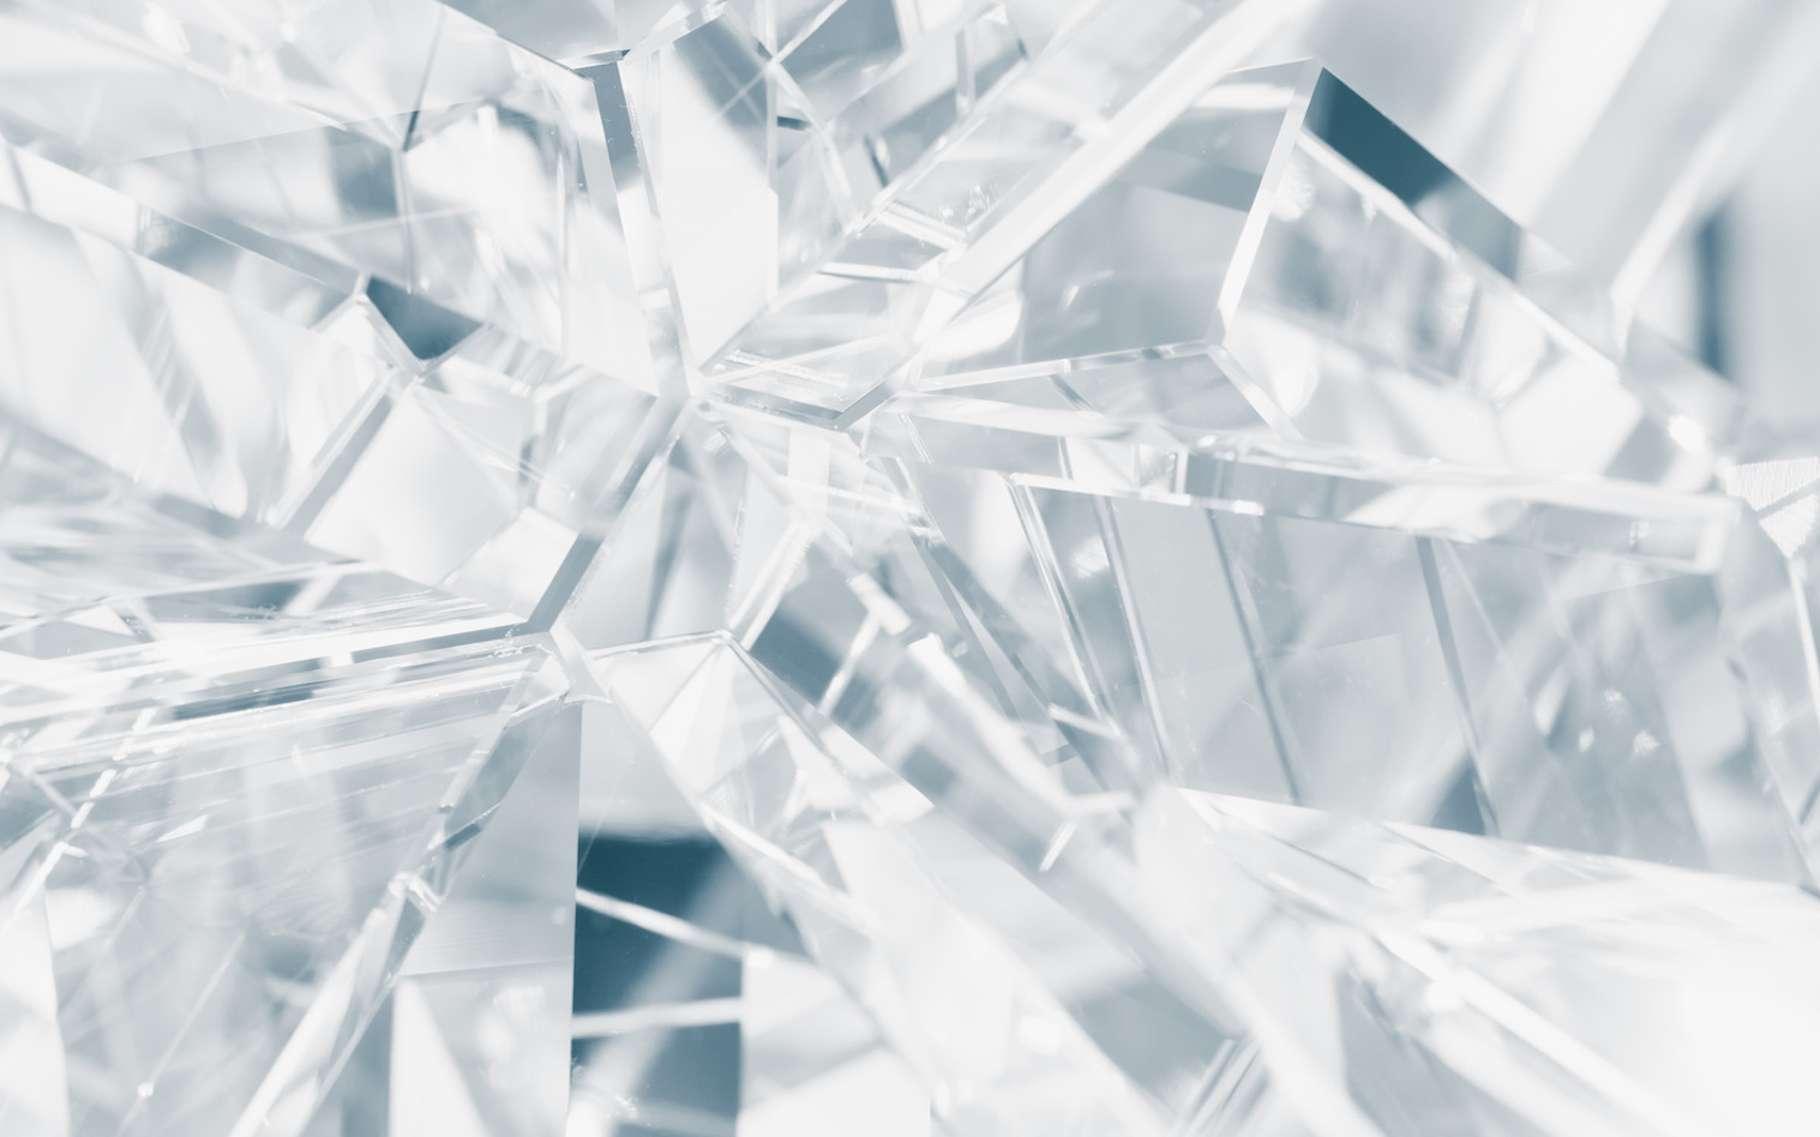 Grâce à des travaux réalisés par des chercheurs américains, il pourrait bientôt être possible de dessiner des circuits électriques dans des cristaux transparents et en 3D. Le tout d'une manière non définitive et reconfigurable à souhait. © nikkytok, Fotolia